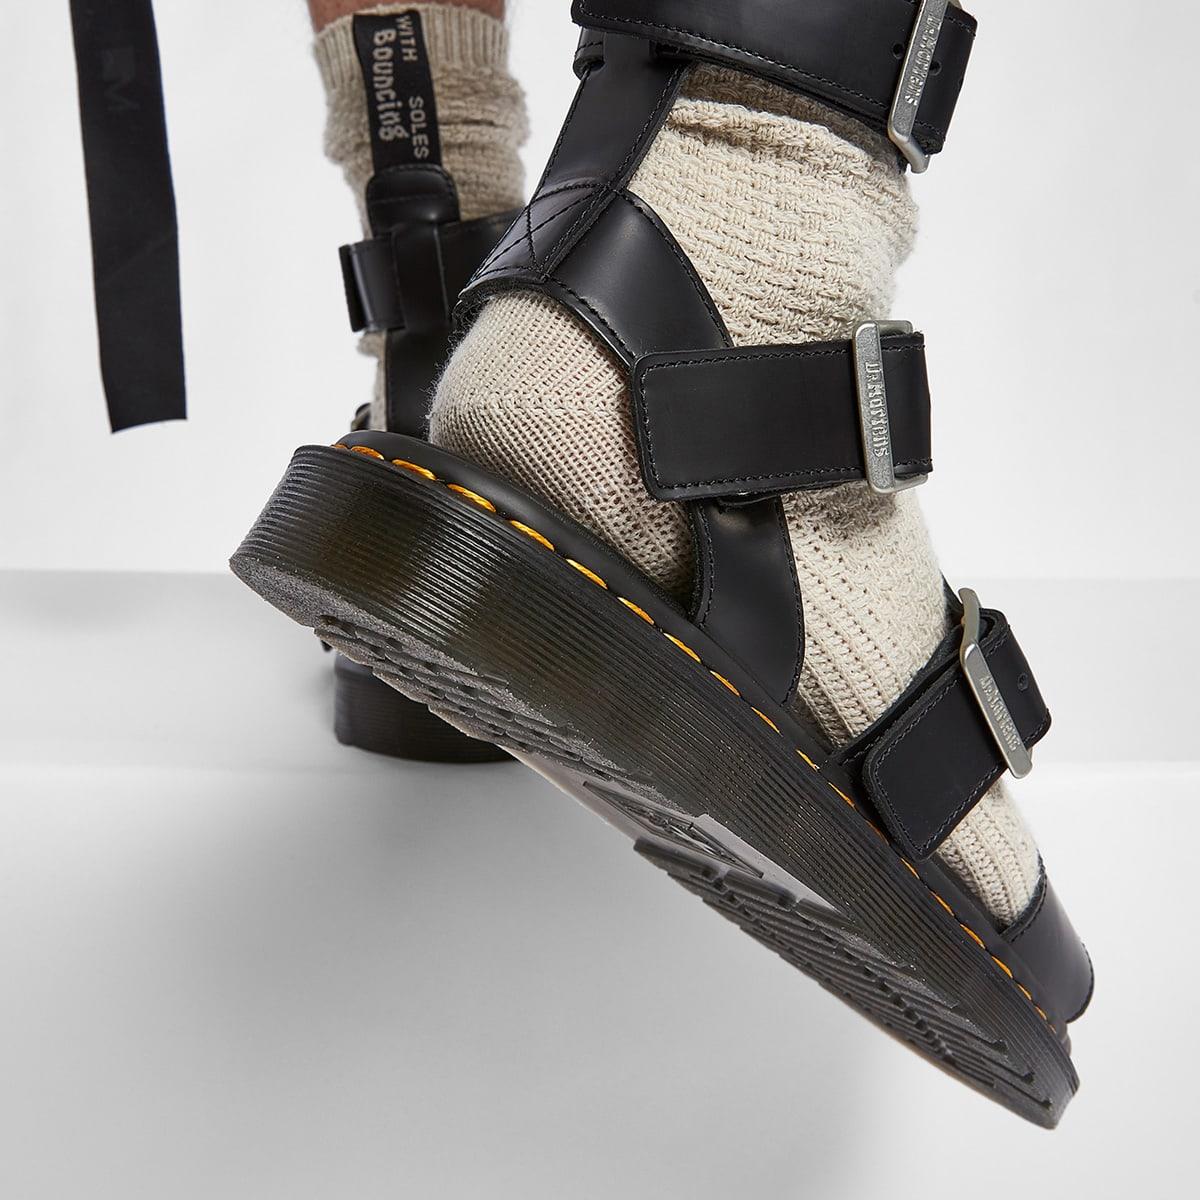 Rick Owens x Dr. Martens Leather Strap Sandals - DM21-S6806-1001-BK